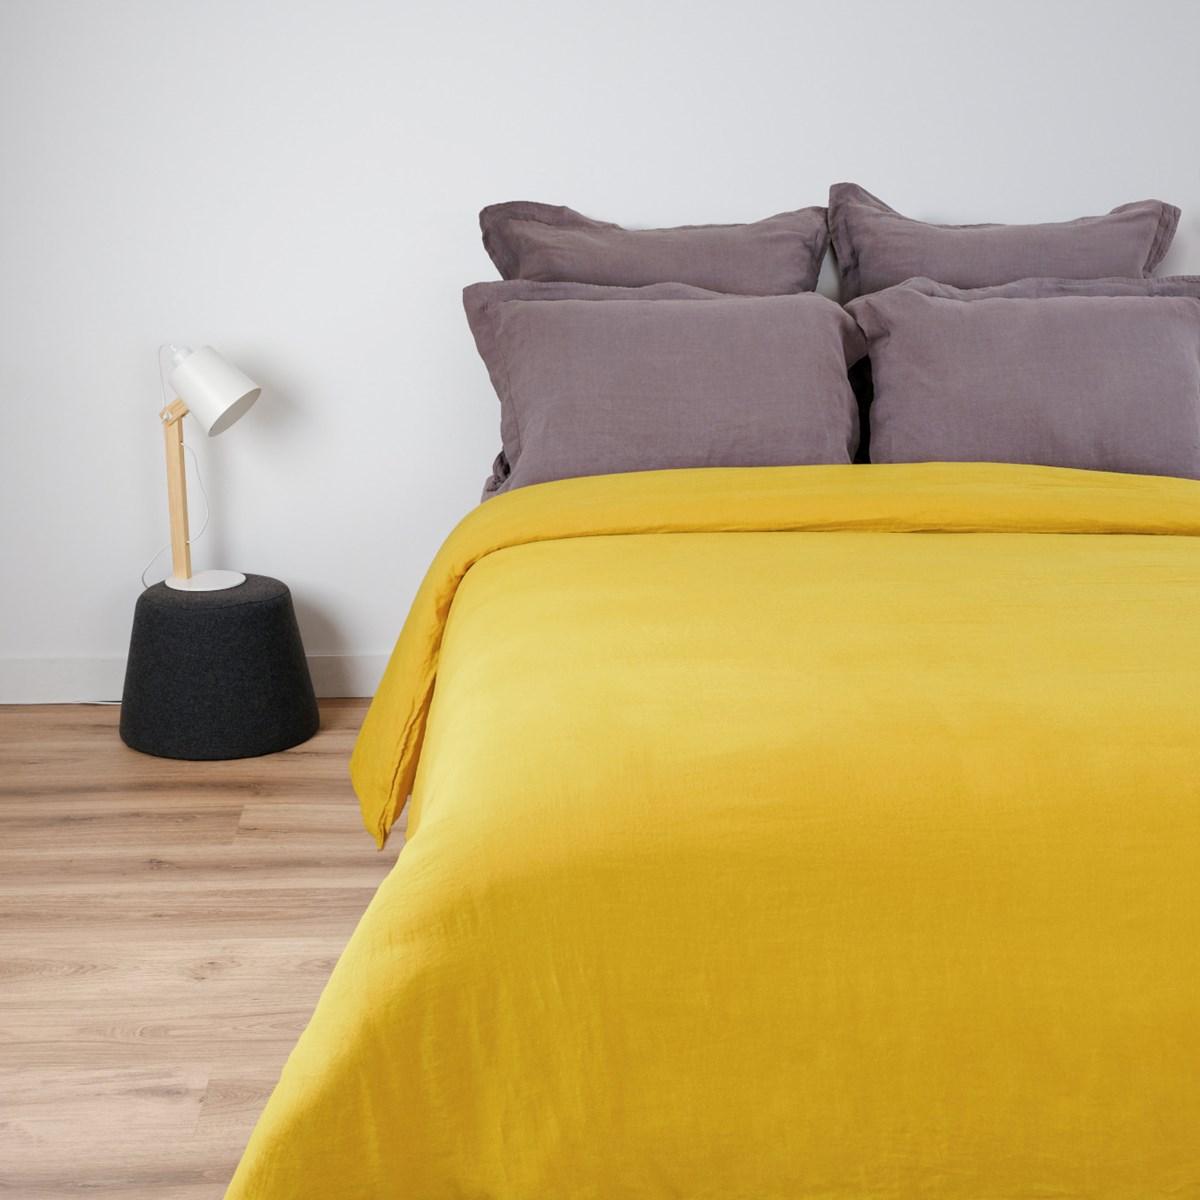 Housse de couette naturelle en lin jaune clair 140x200 cm